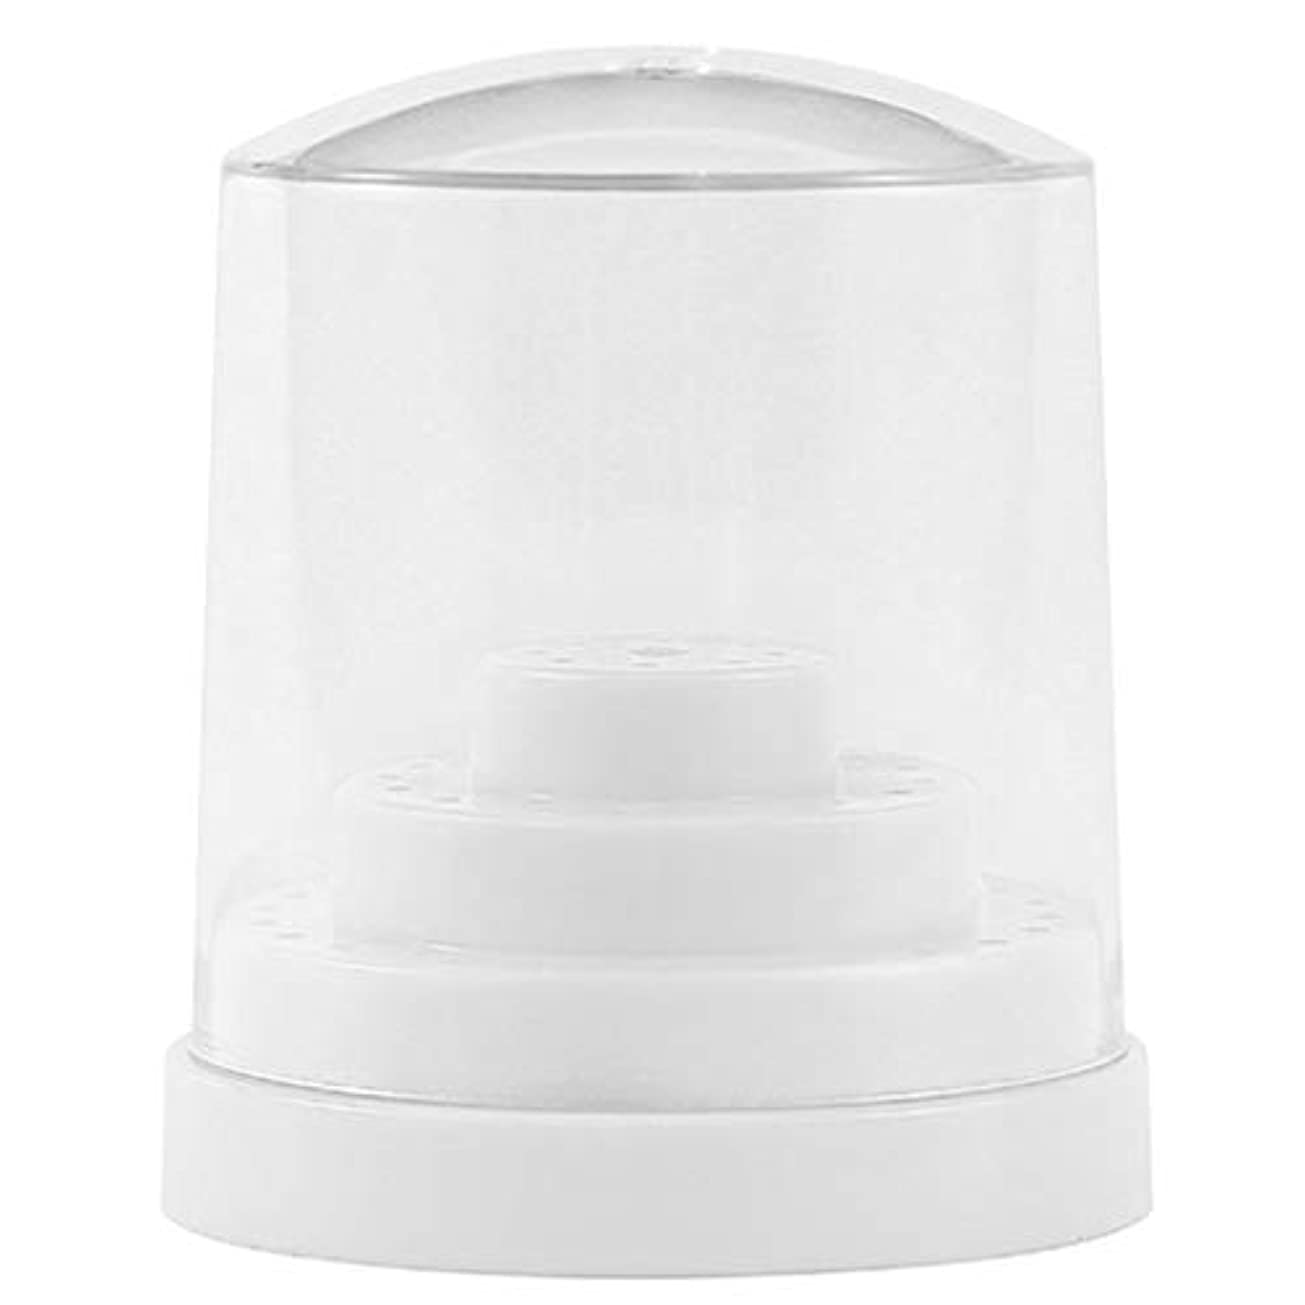 雇用者差別留まるPerfeclan 三層48穴 ネイルドリルビットホルダー アクリル製 ネイルマシーン用ビットスタンド 防塵 全2色 - ホワイト